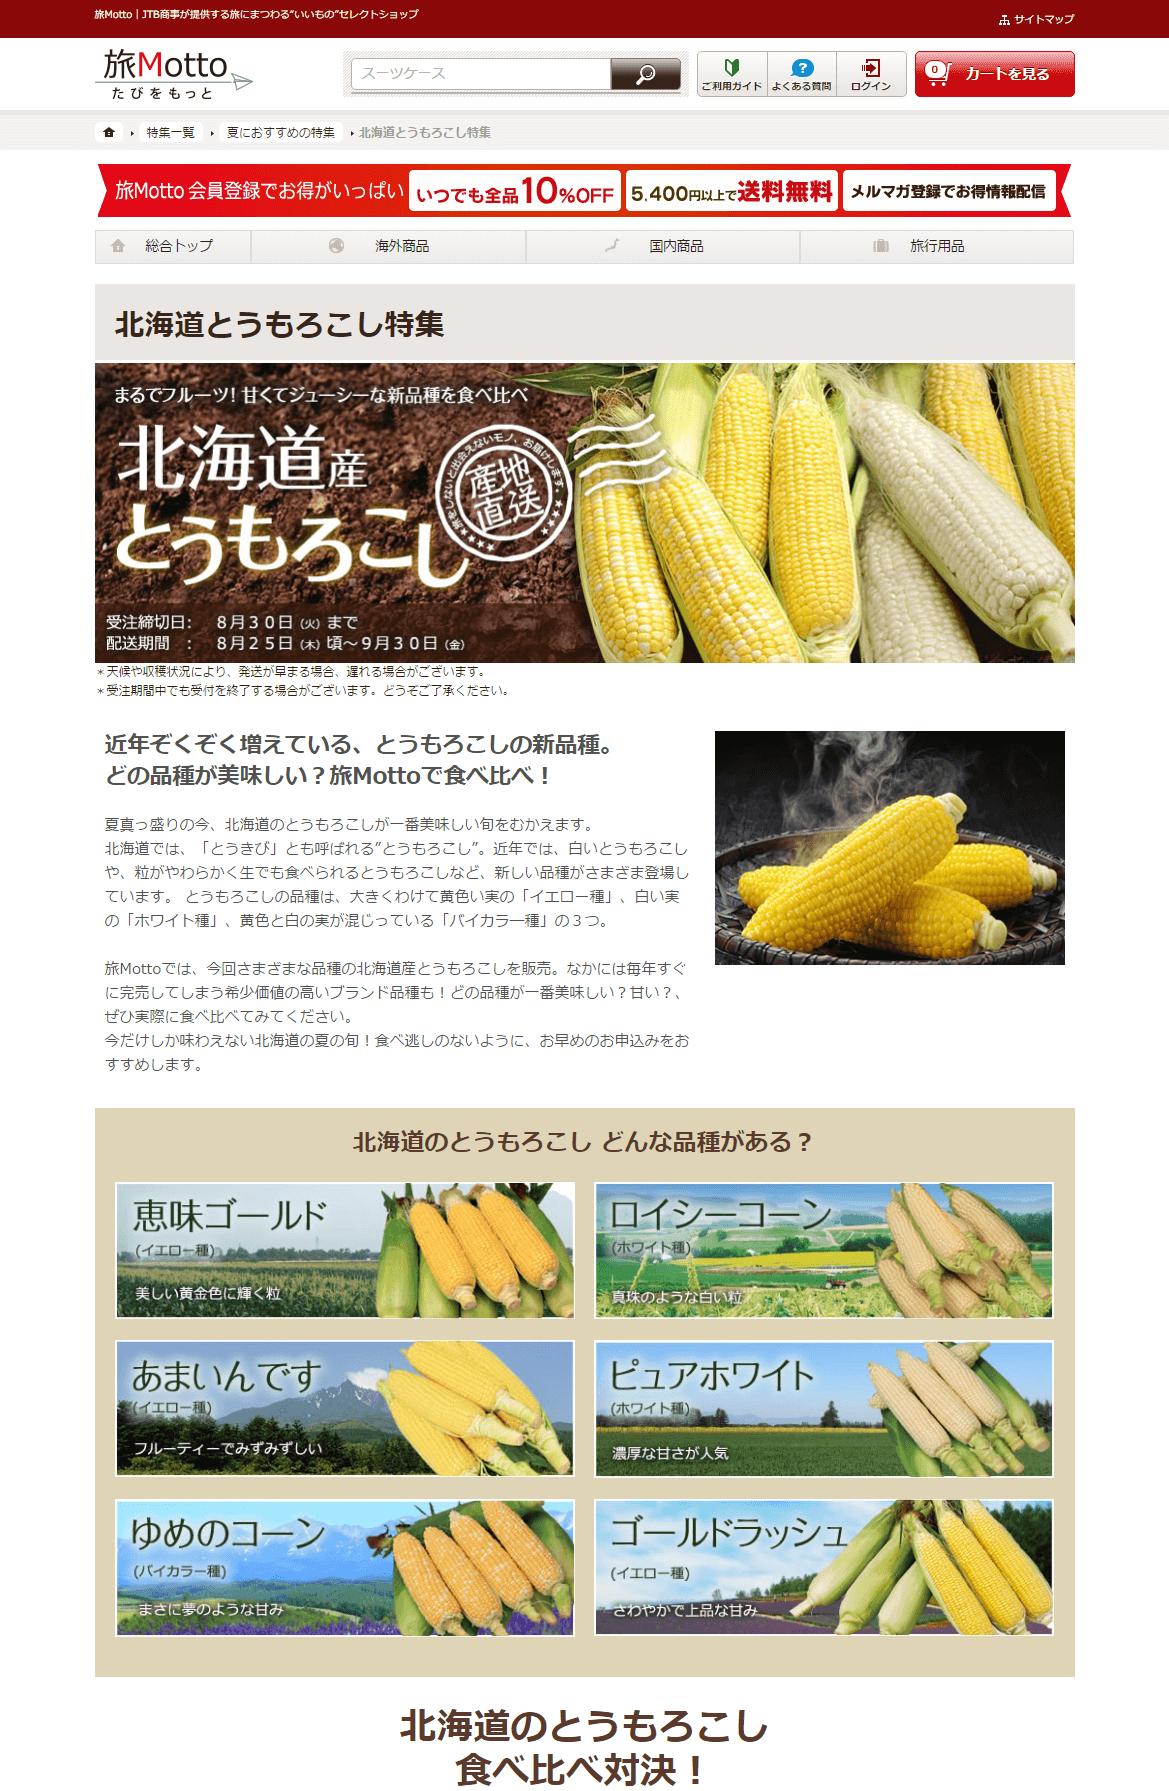 tabimotto_corn